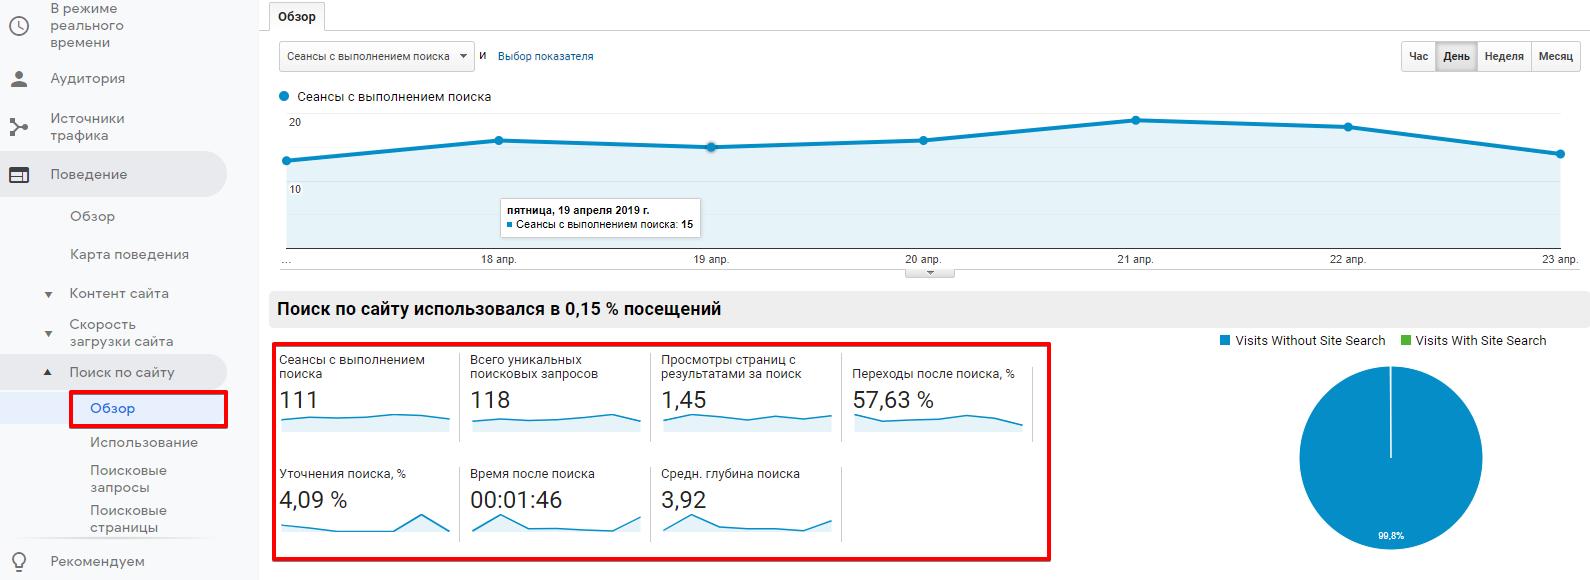 """Группа отчетов """"Поиск по сайту"""" в Google Analytics"""